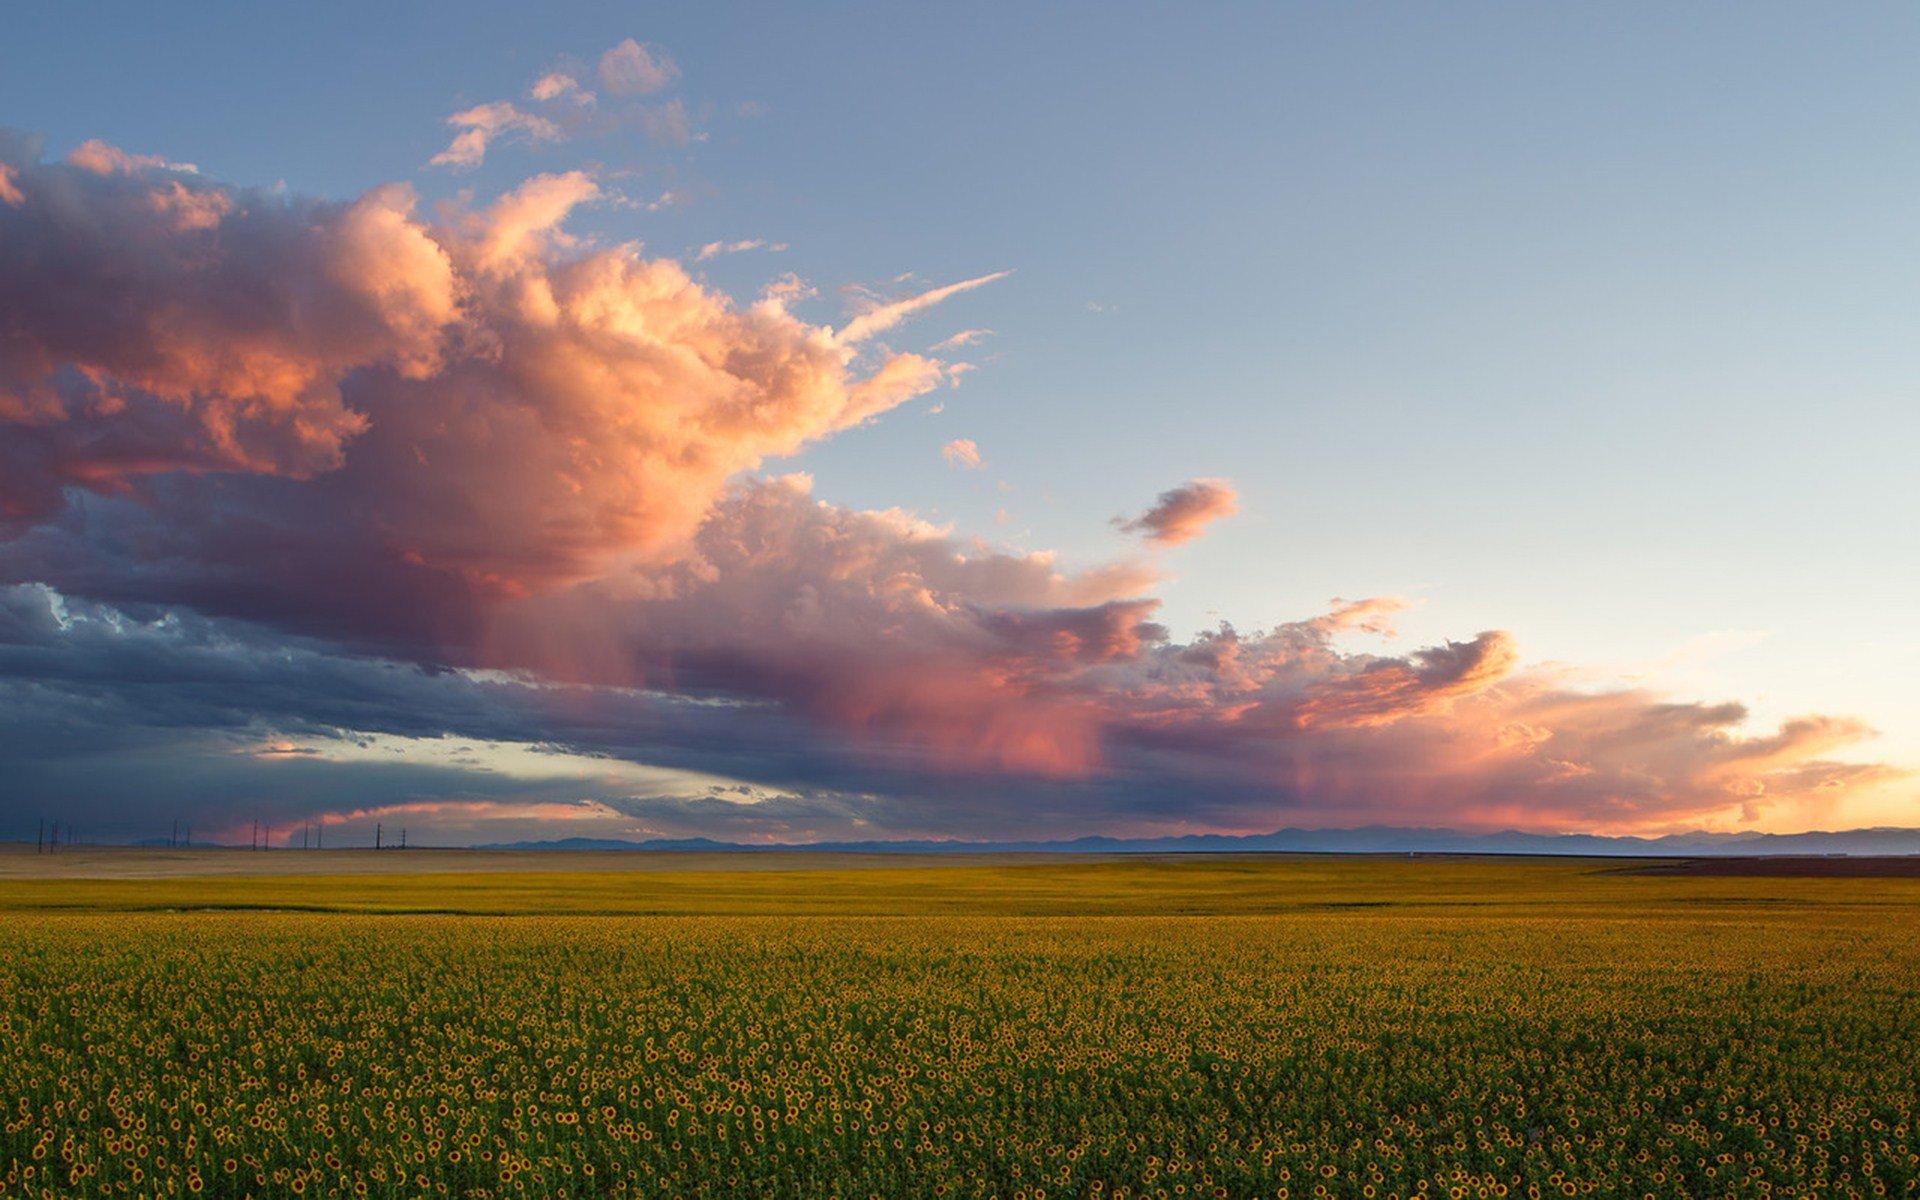 Nature cloud sunset ultrahd 4k   Wide Screen Wallpaper 1080p,2K,4K